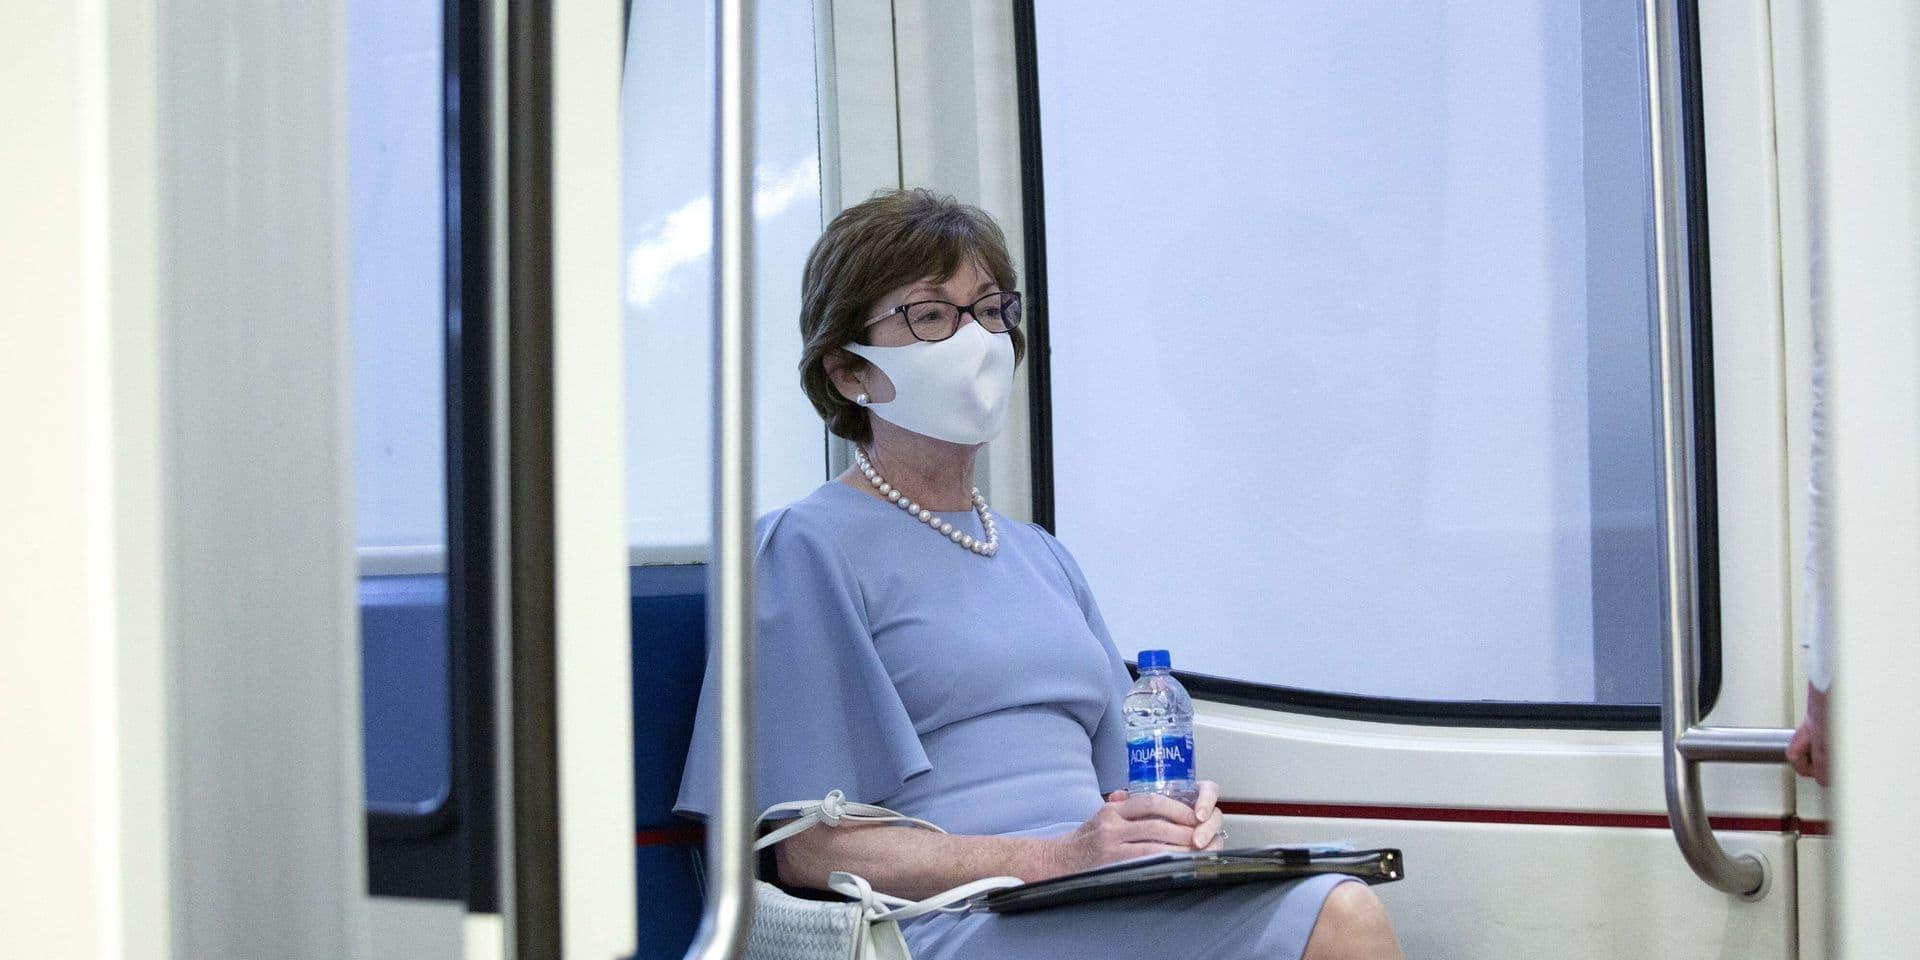 Coronavirus: la concentration du virus chez les asymptomatiques serait similaire à celle des patients symptomatiques